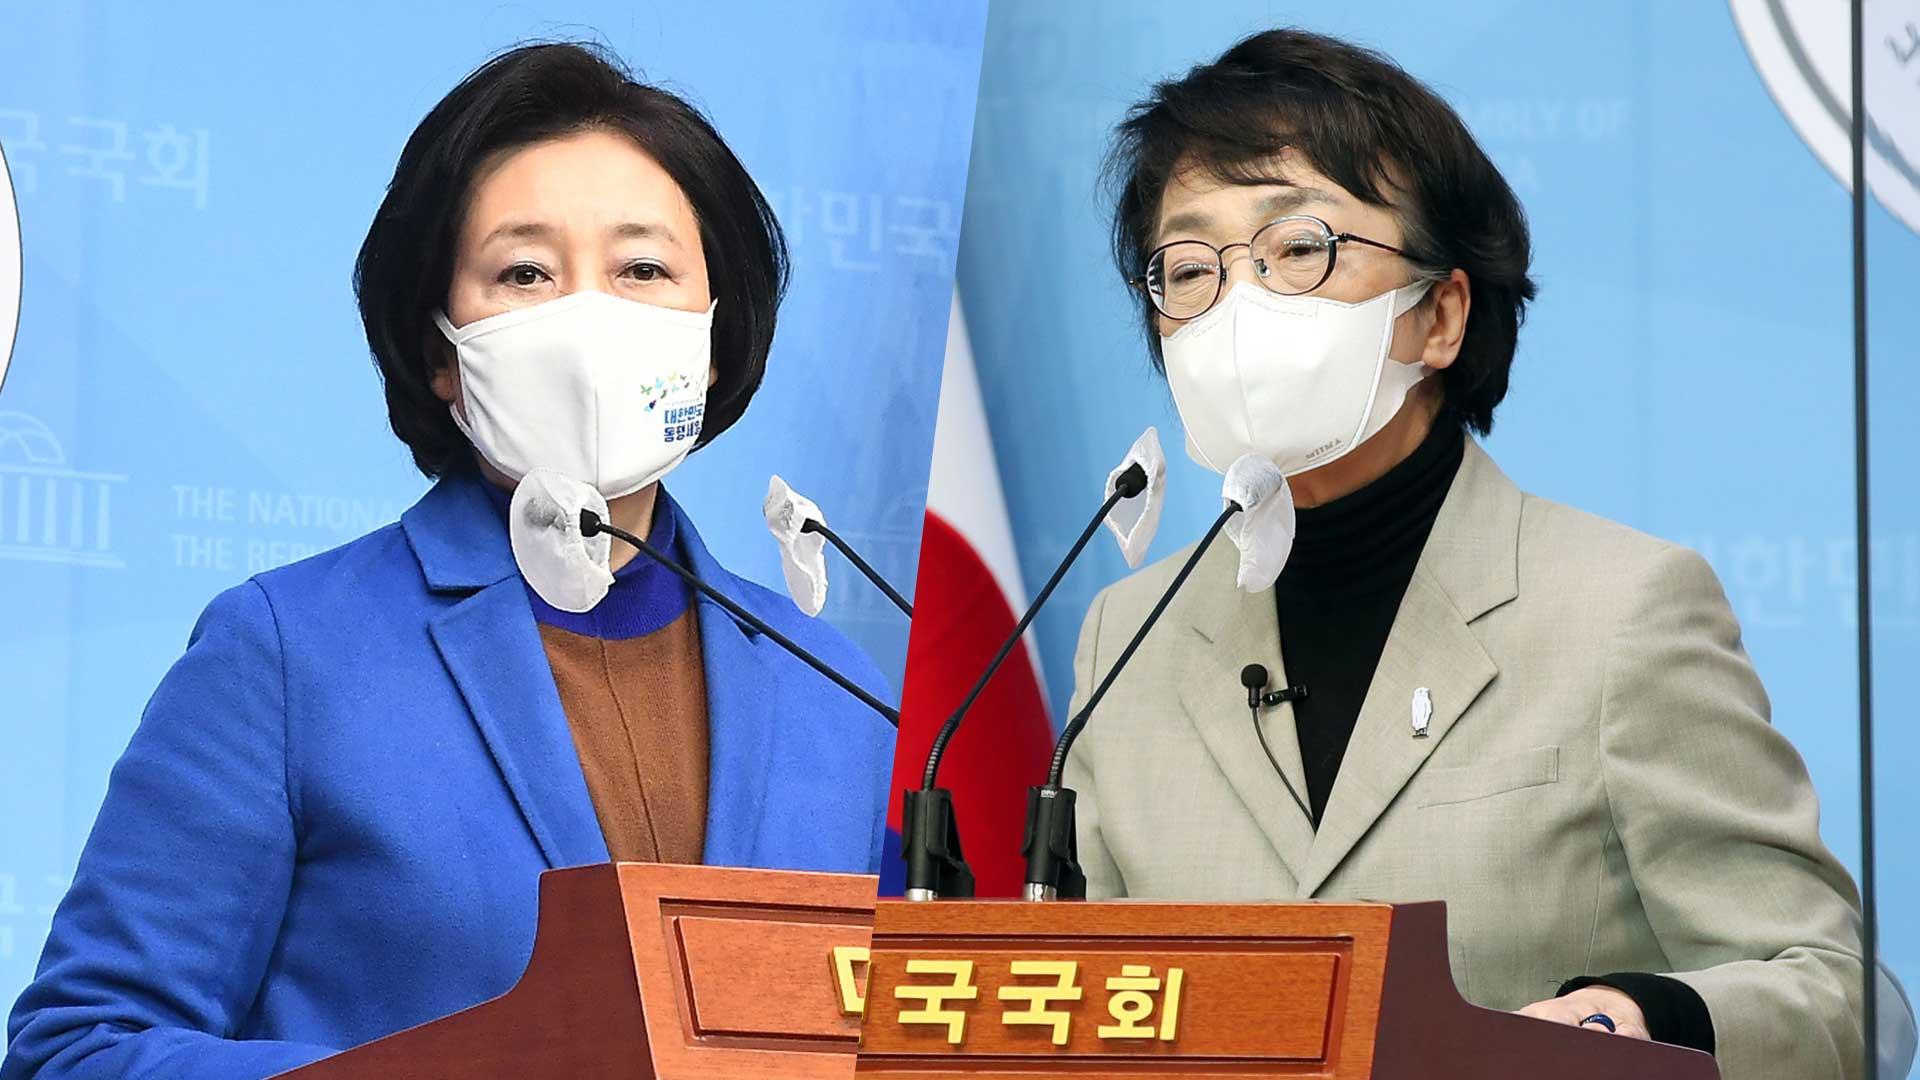 박영선, 조정훈에 승리…김진애와 최종 단일화 협상